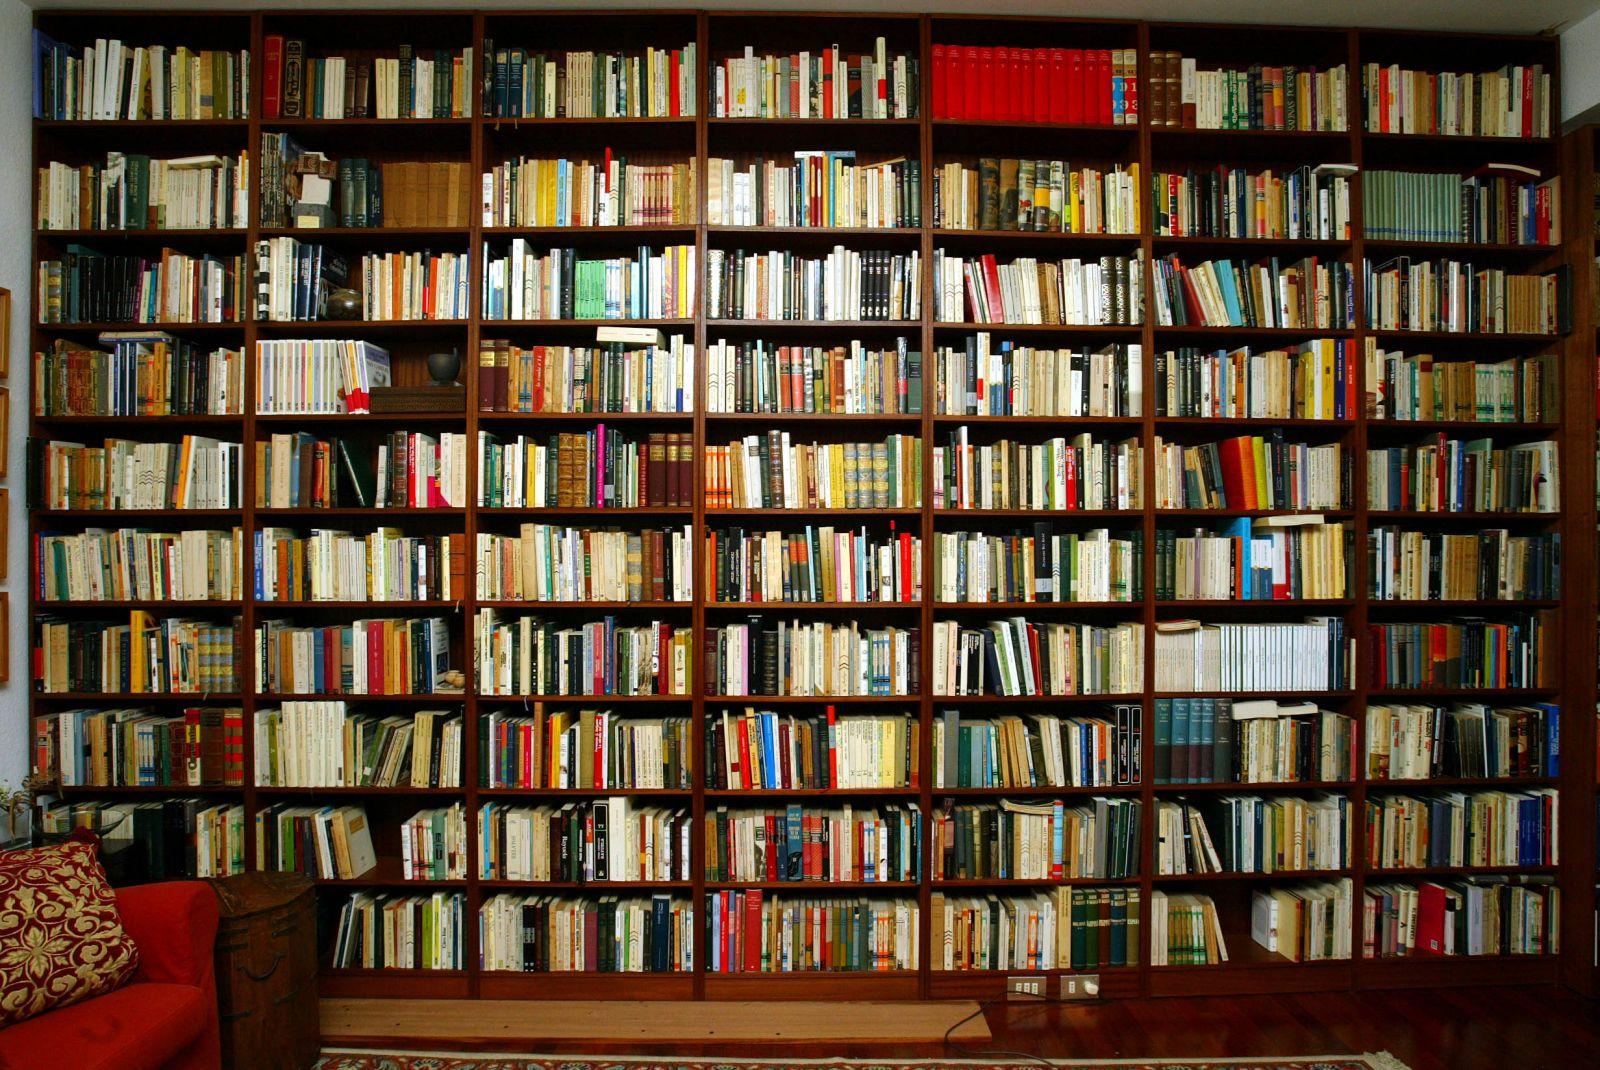 Escoger un libro de fotografía no es fácil, consejos para ello (III)